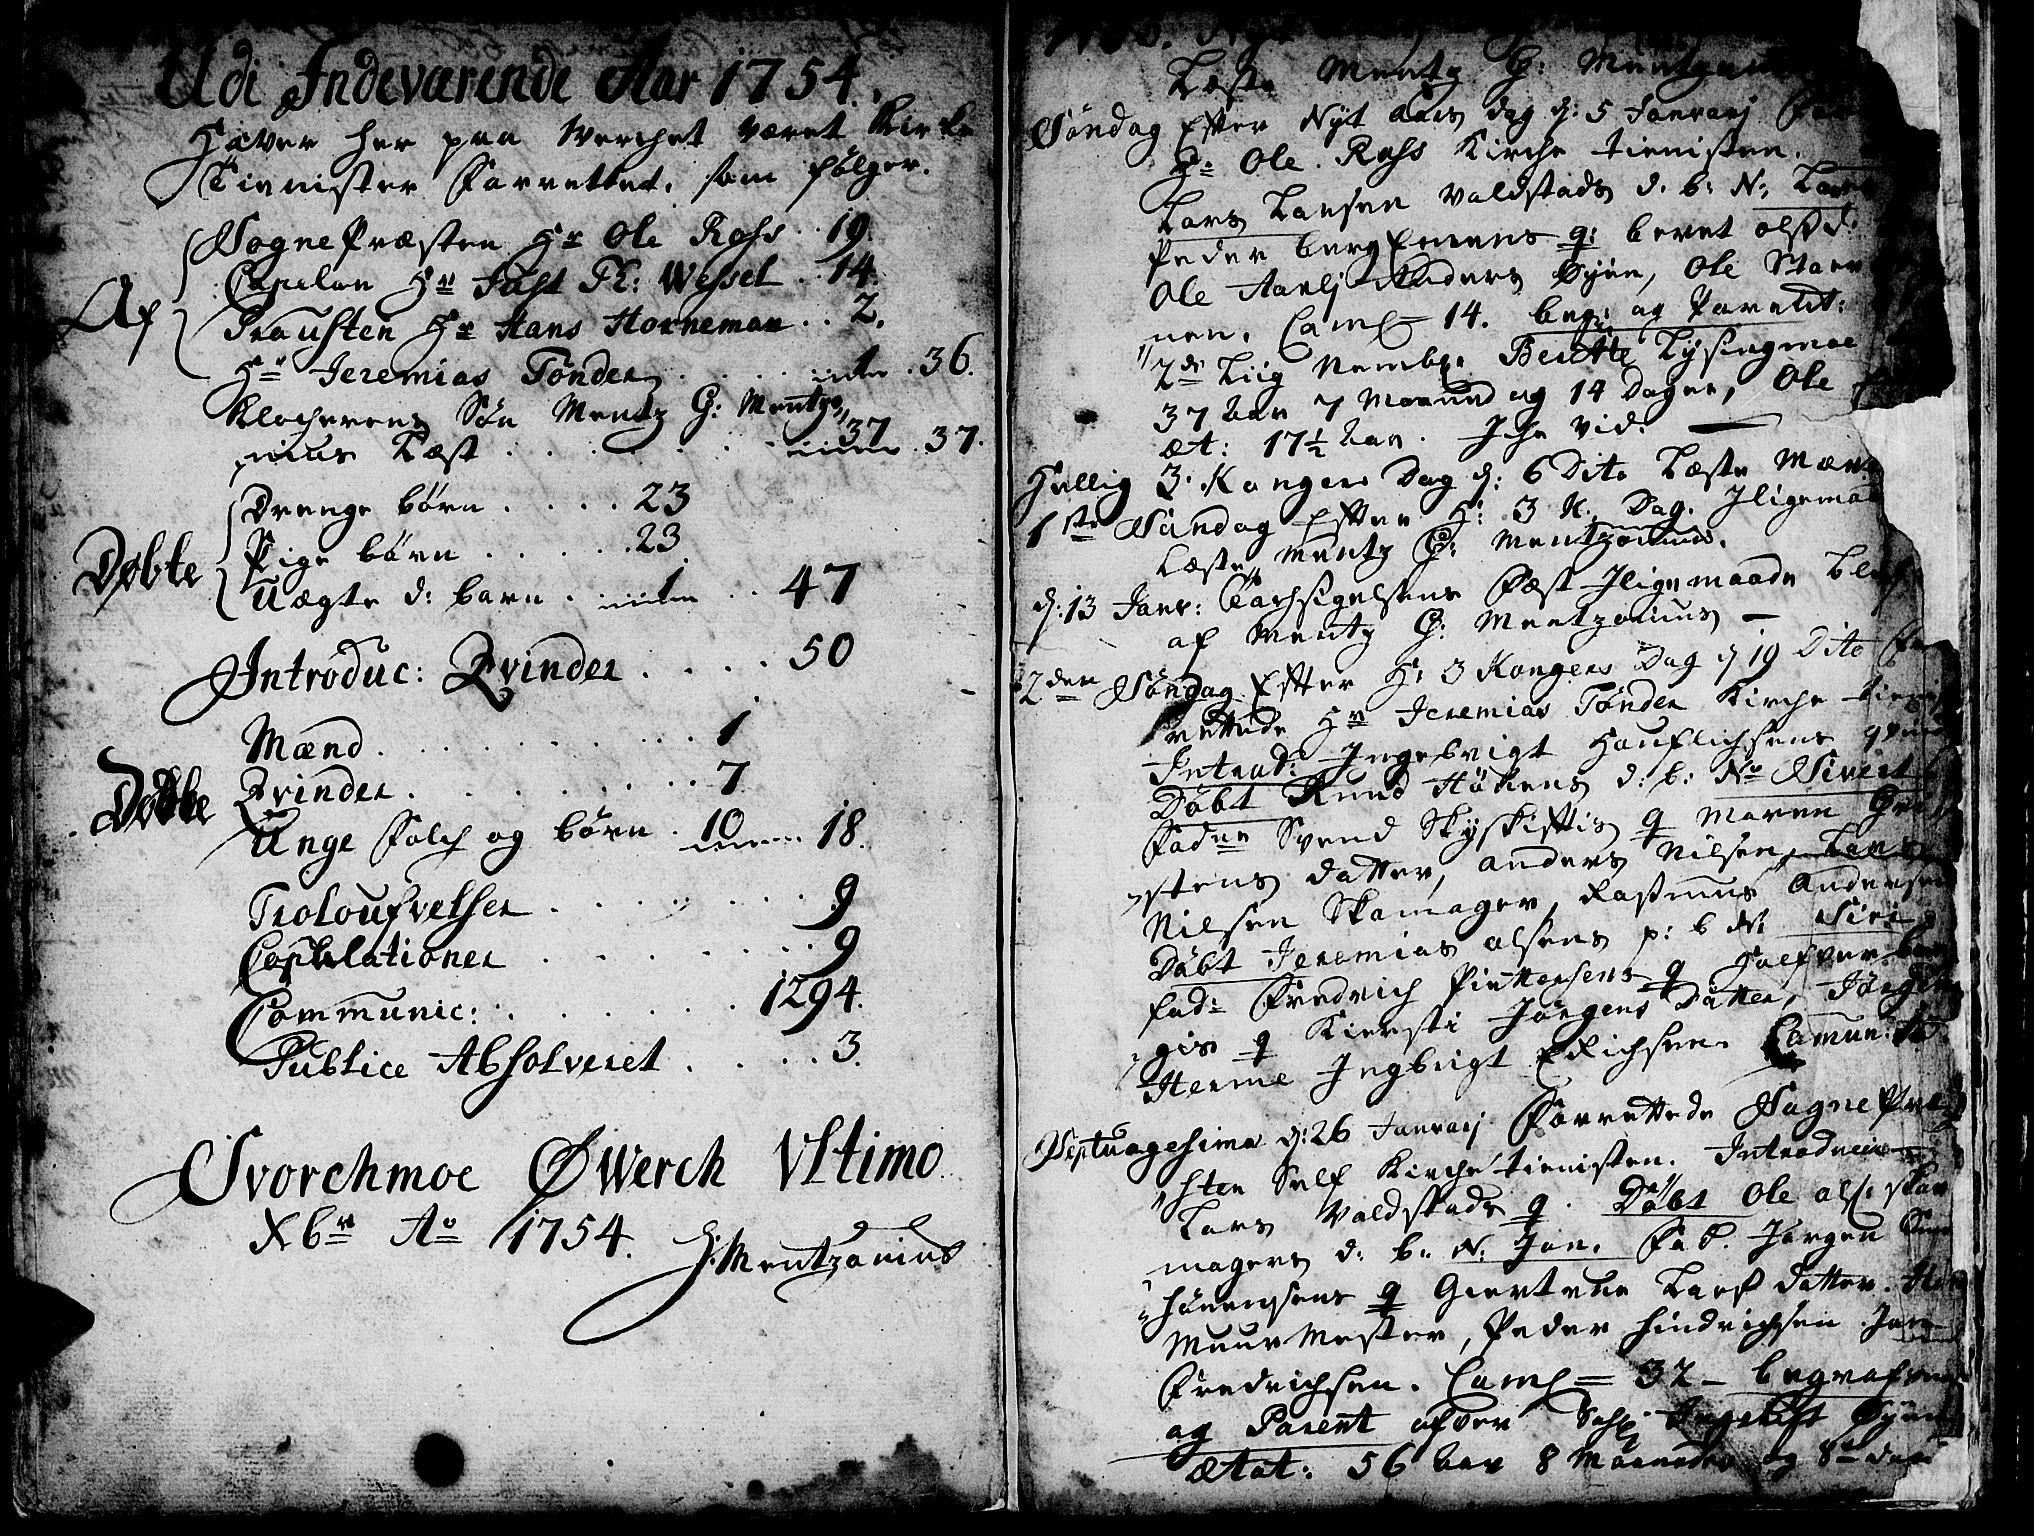 SAT, Ministerialprotokoller, klokkerbøker og fødselsregistre - Sør-Trøndelag, 671/L0839: Ministerialbok nr. 671A01, 1730-1755, s. 455-456